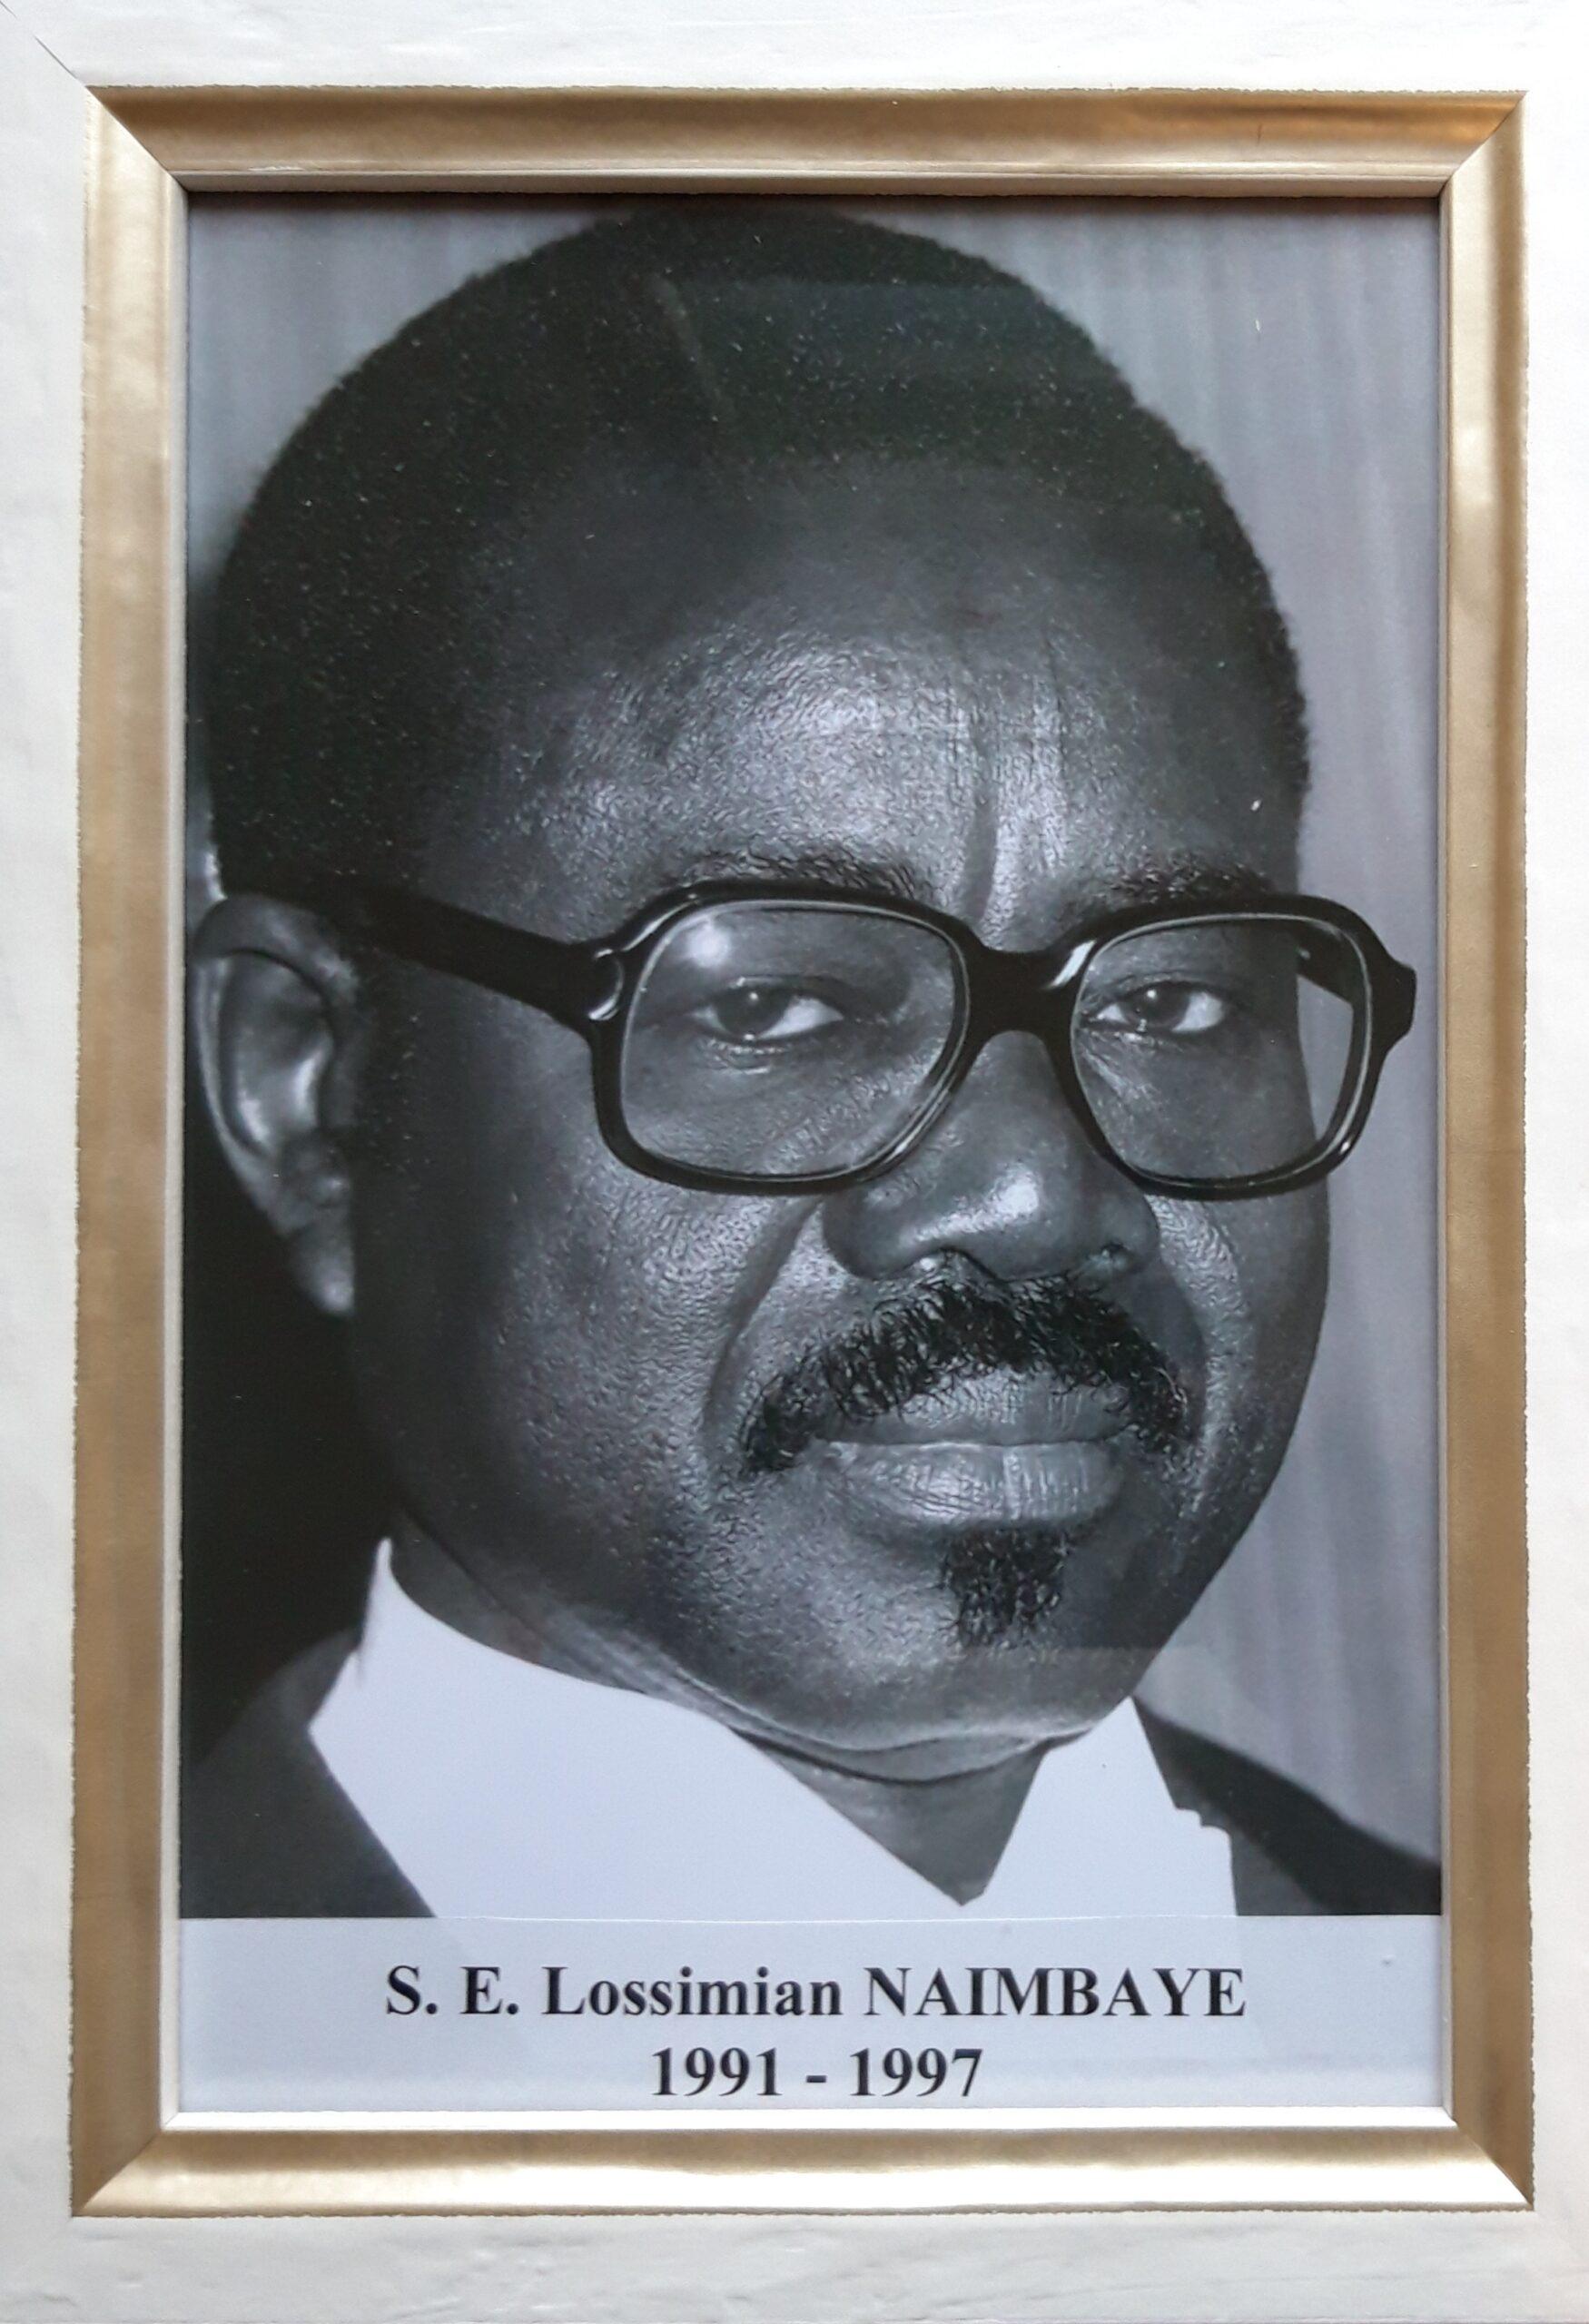 S.E. Lossimian NAIMBAYE